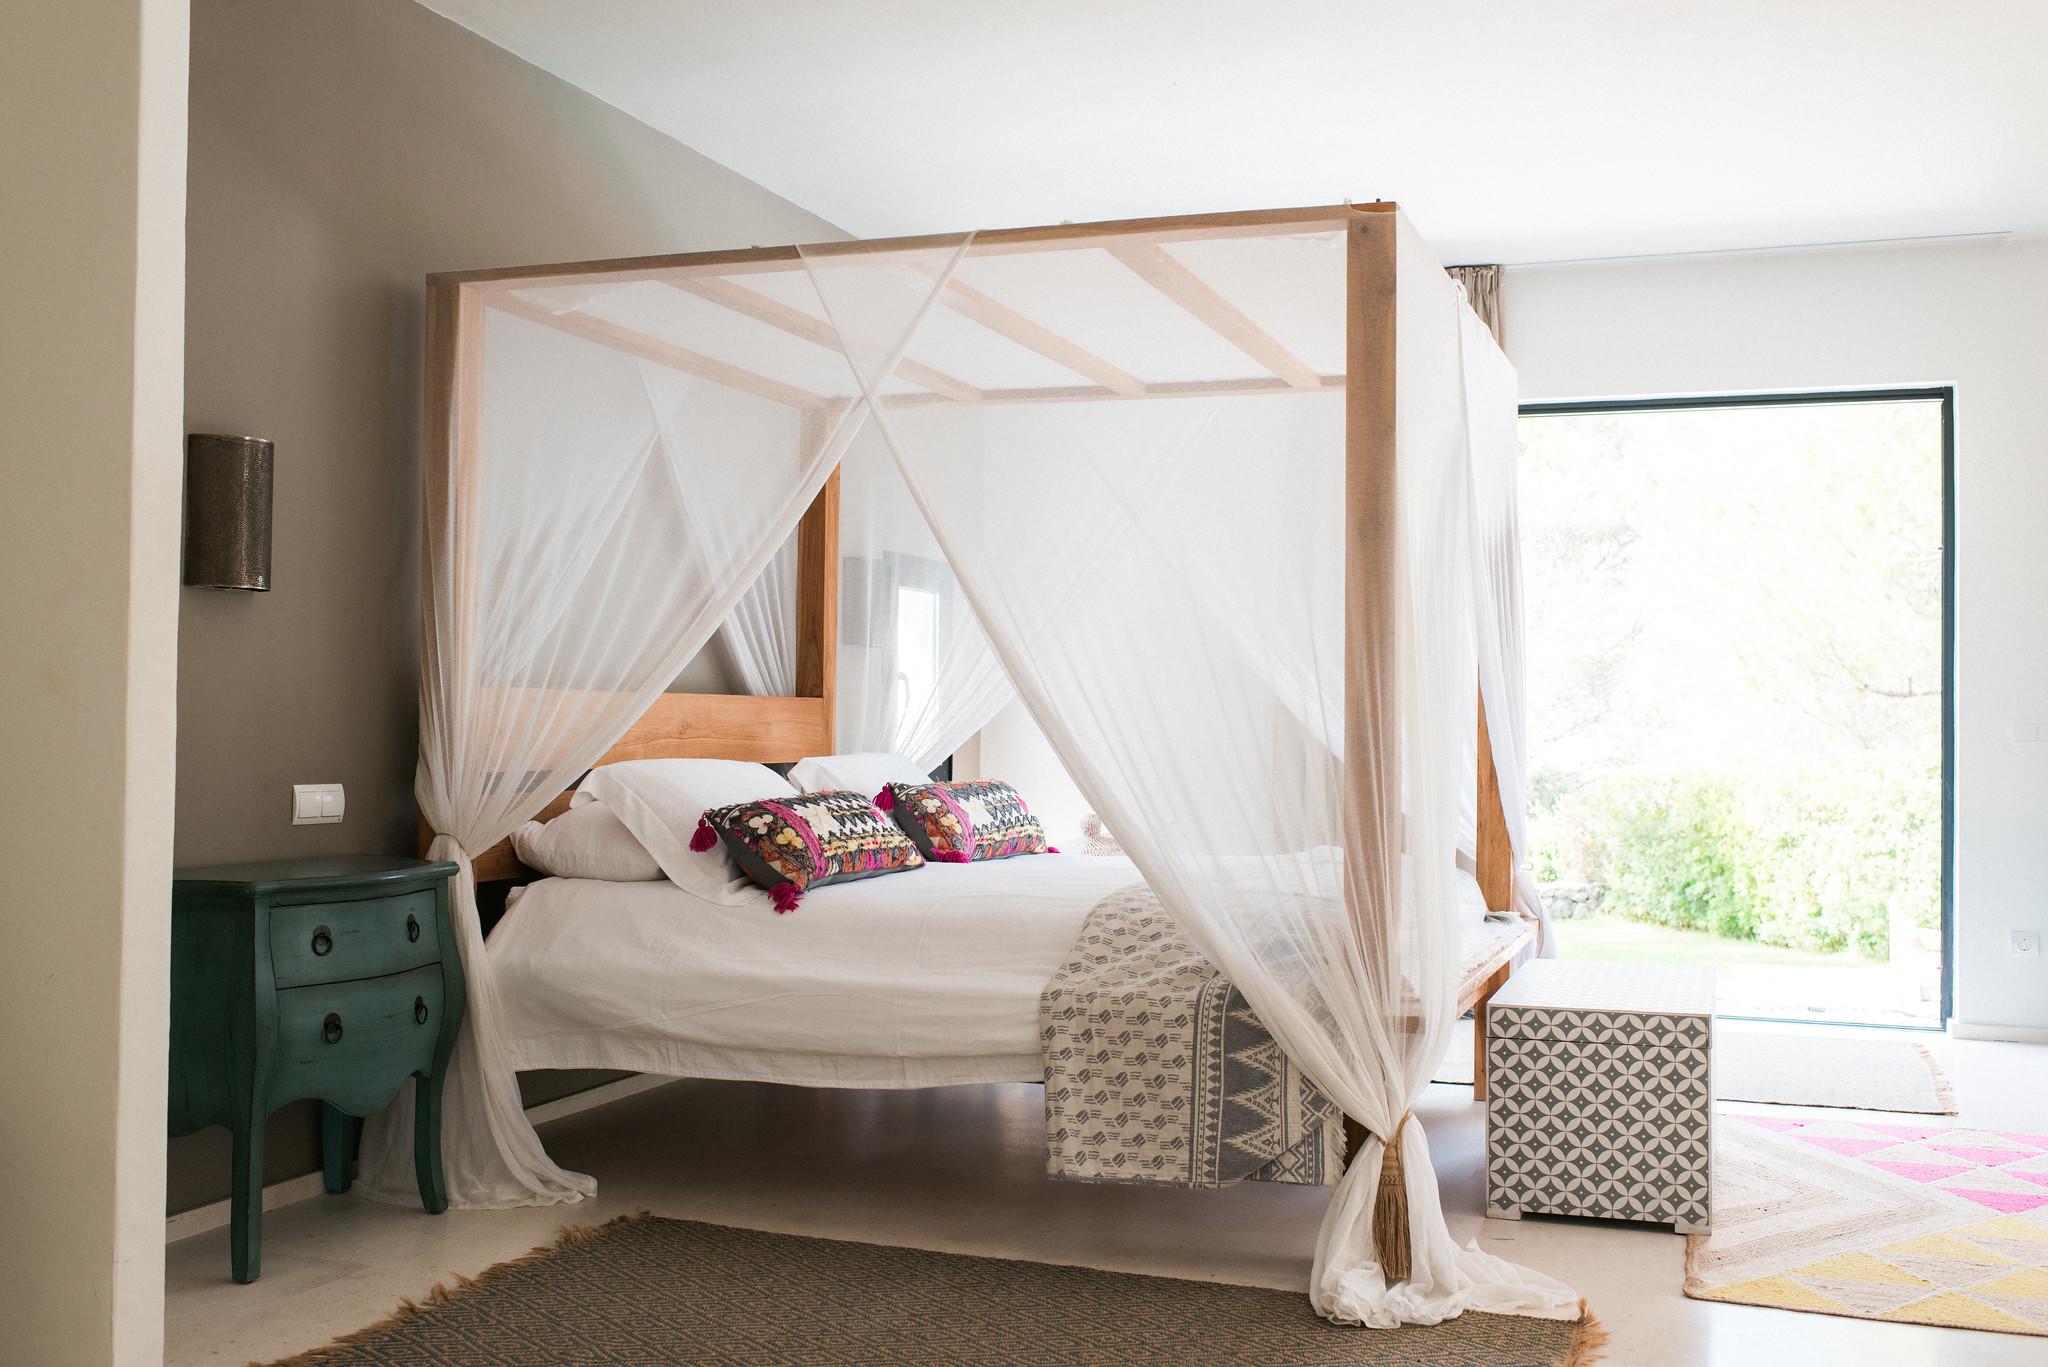 https://www.white-ibiza.com/wp-content/uploads/2020/05/white-ibiza-villas-casa-estrella-interior-master.jpg